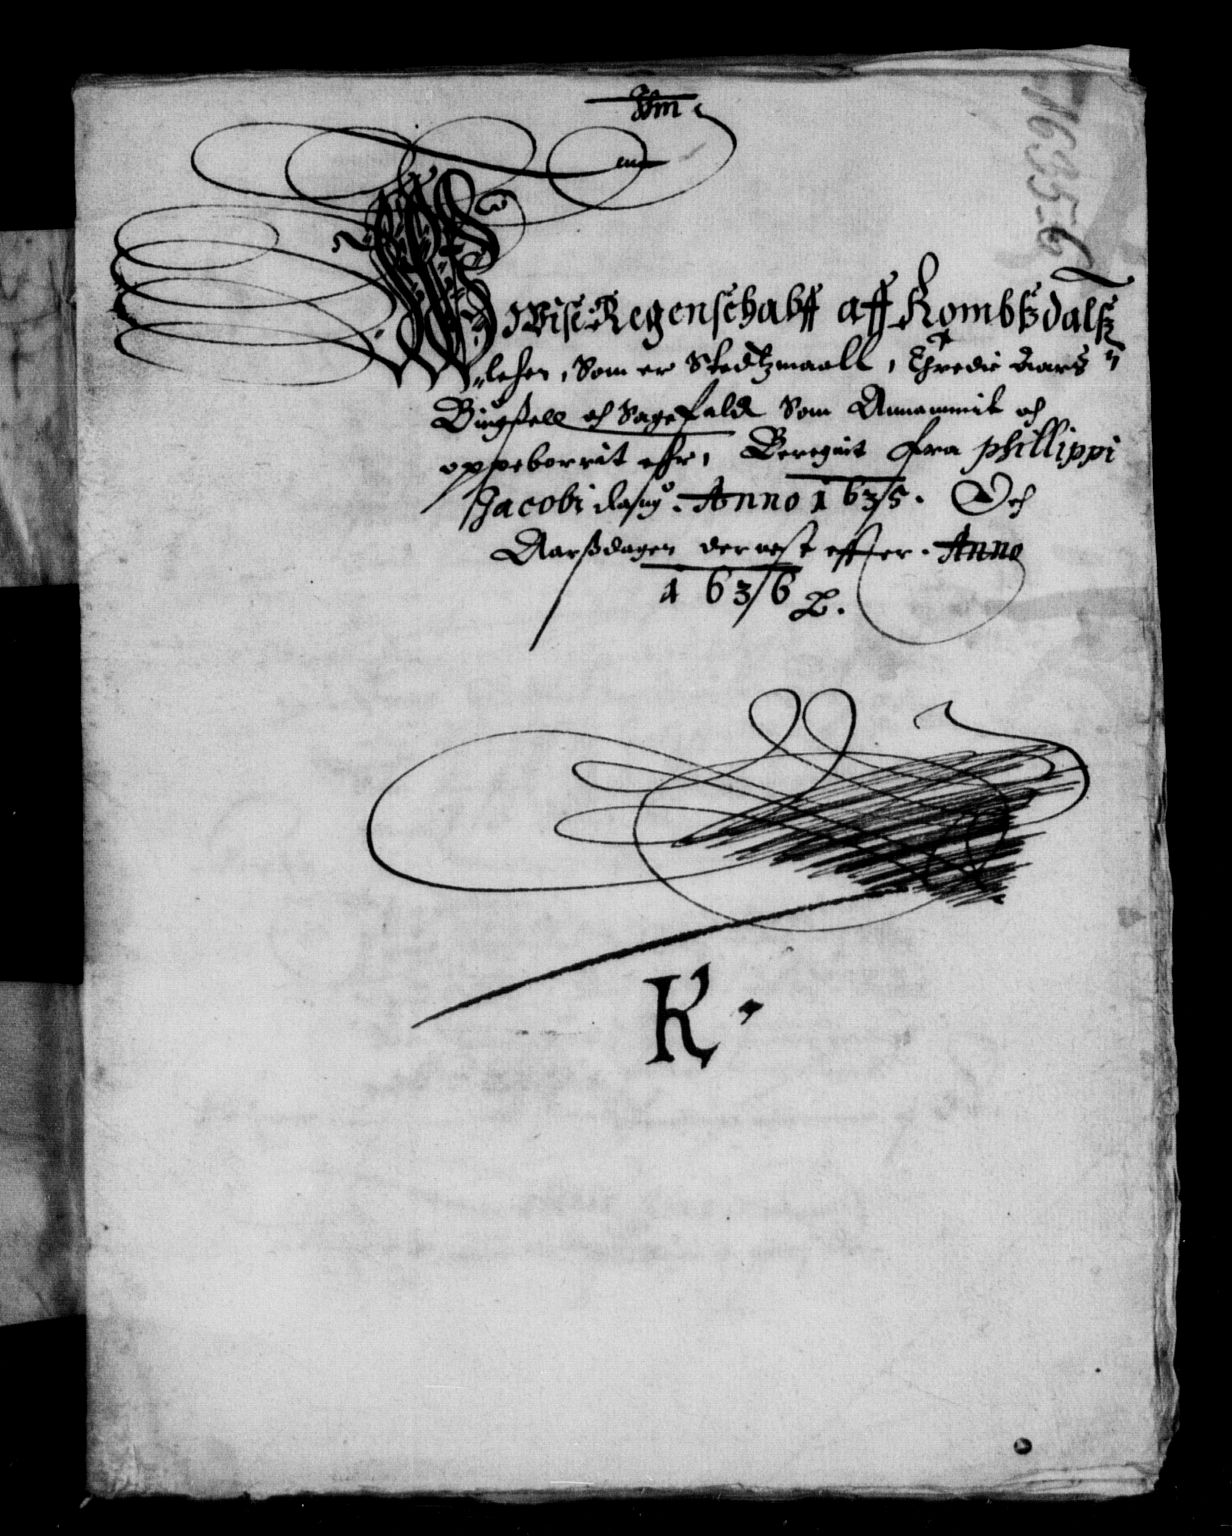 RA, Rentekammeret inntil 1814, Reviderte regnskaper, Lensregnskaper, R/Rb/Rbw/L0056: Trondheim len, 1634-1636